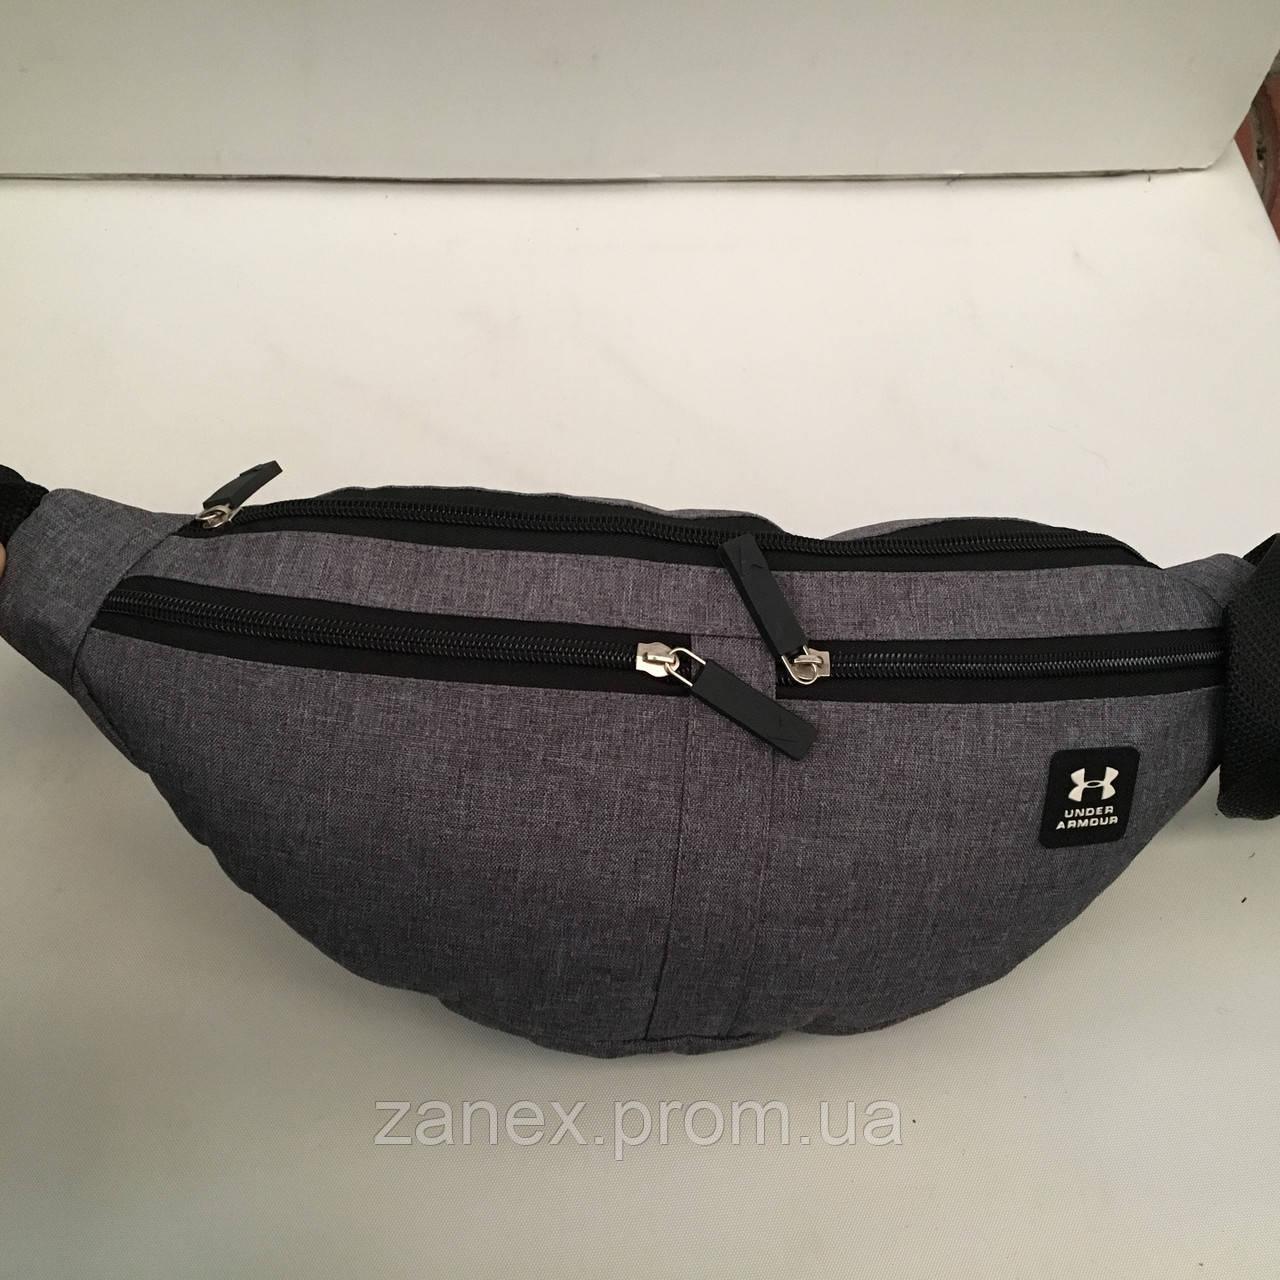 Поясная сумка серая Under Armour 4 отделения (Бананка, Сумка на пояс, сумка на плечо)